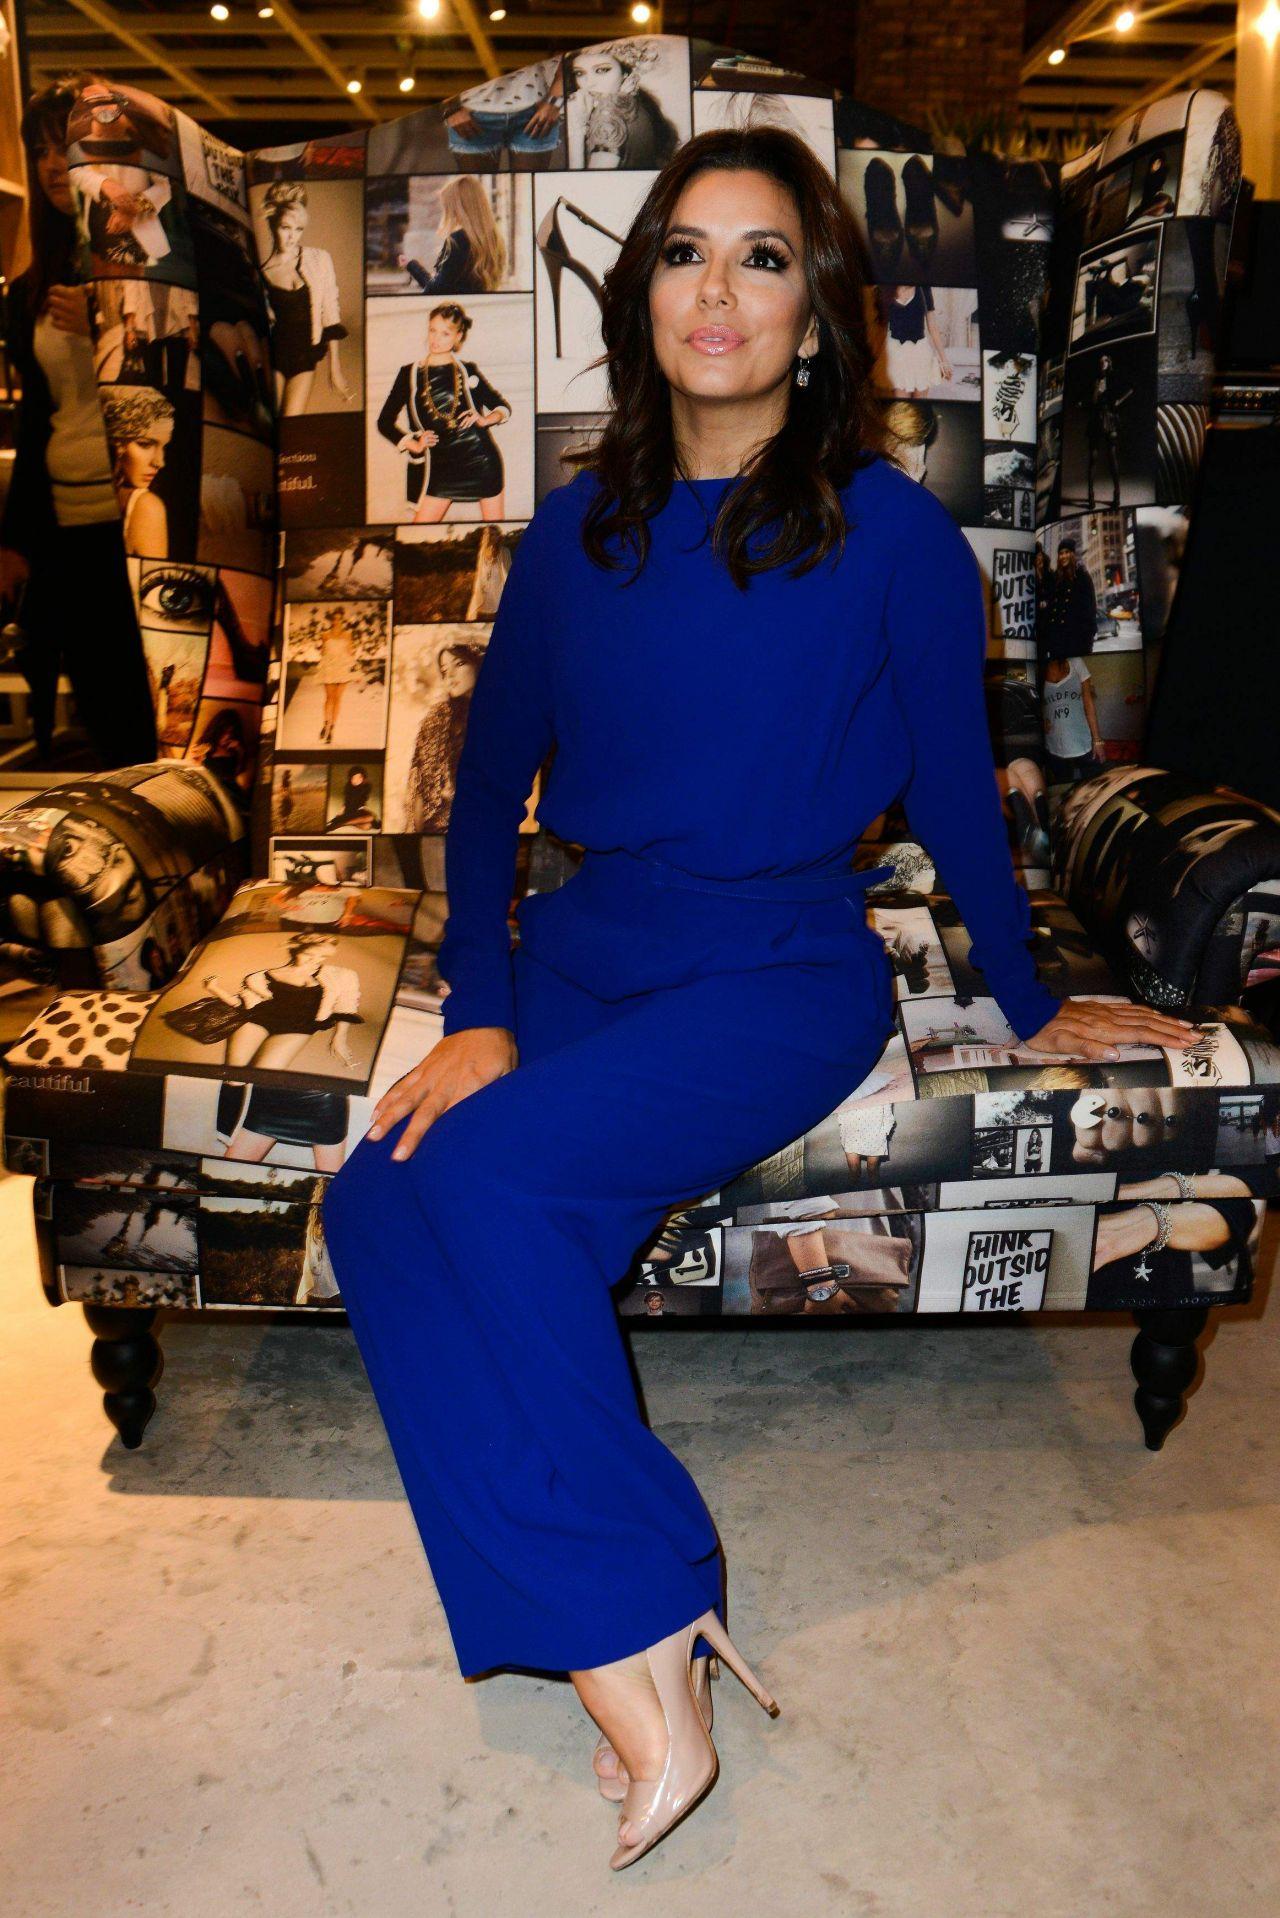 Eva Longoria All In Blue Visits Marina Interiors Furniture Store Dubai December 2014